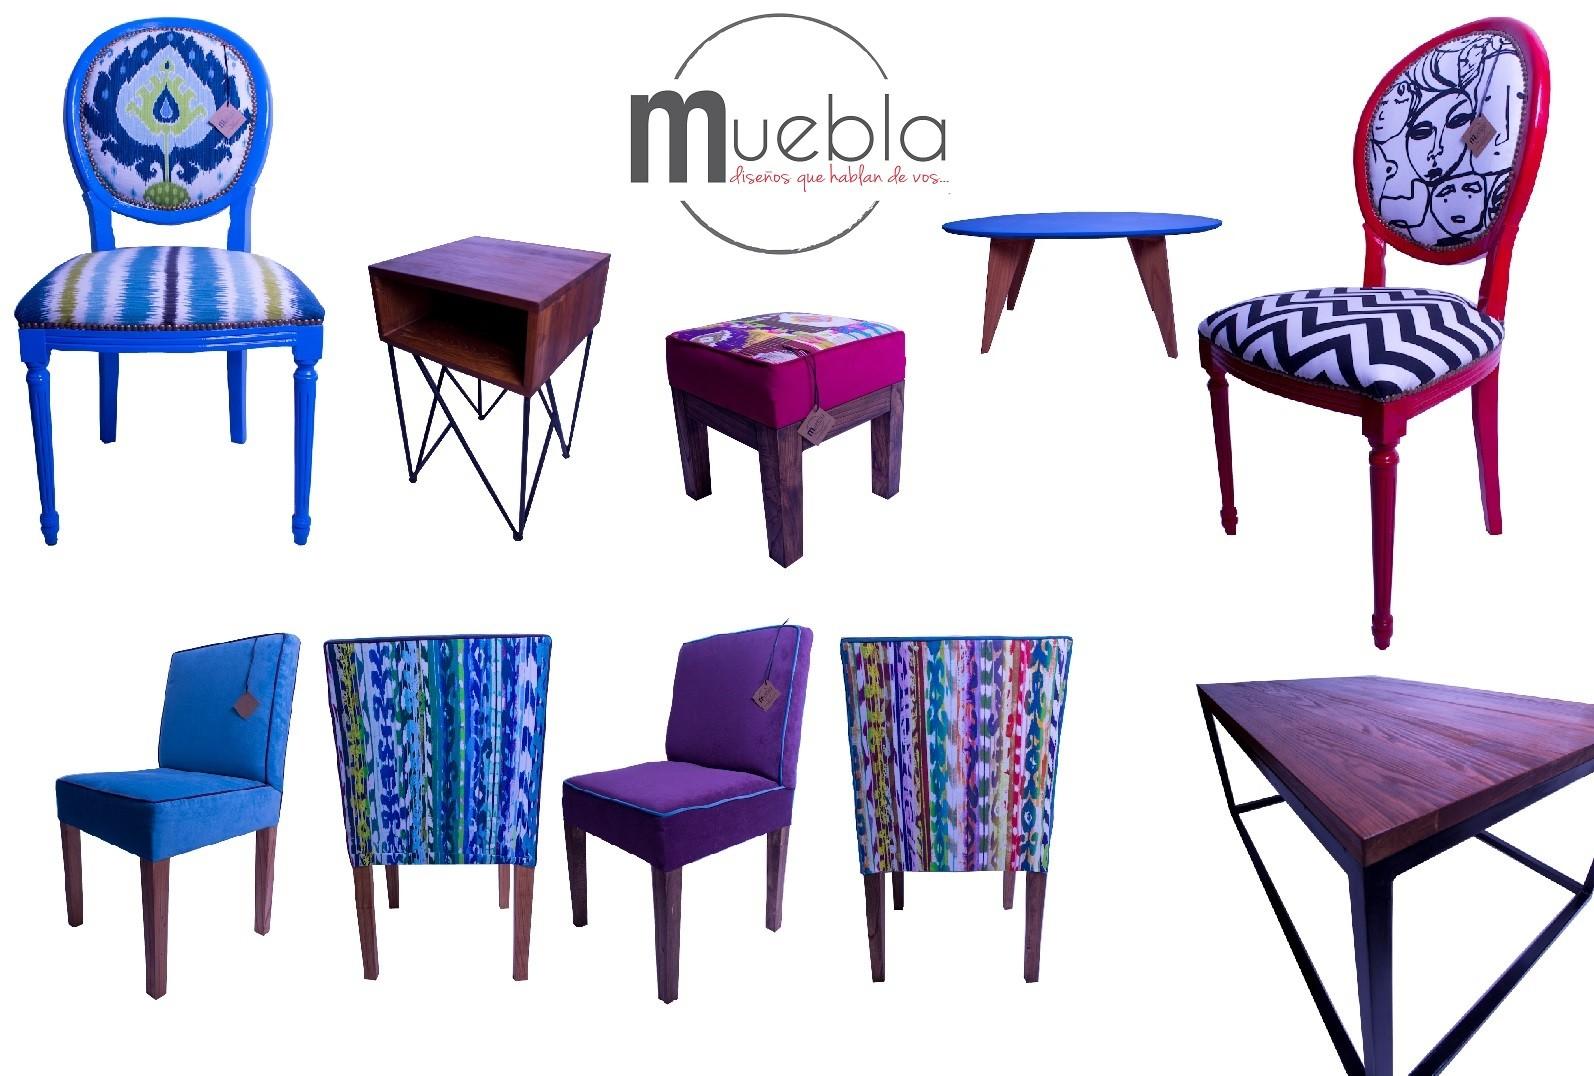 Diseños únicos de la tienda on-line Muebla